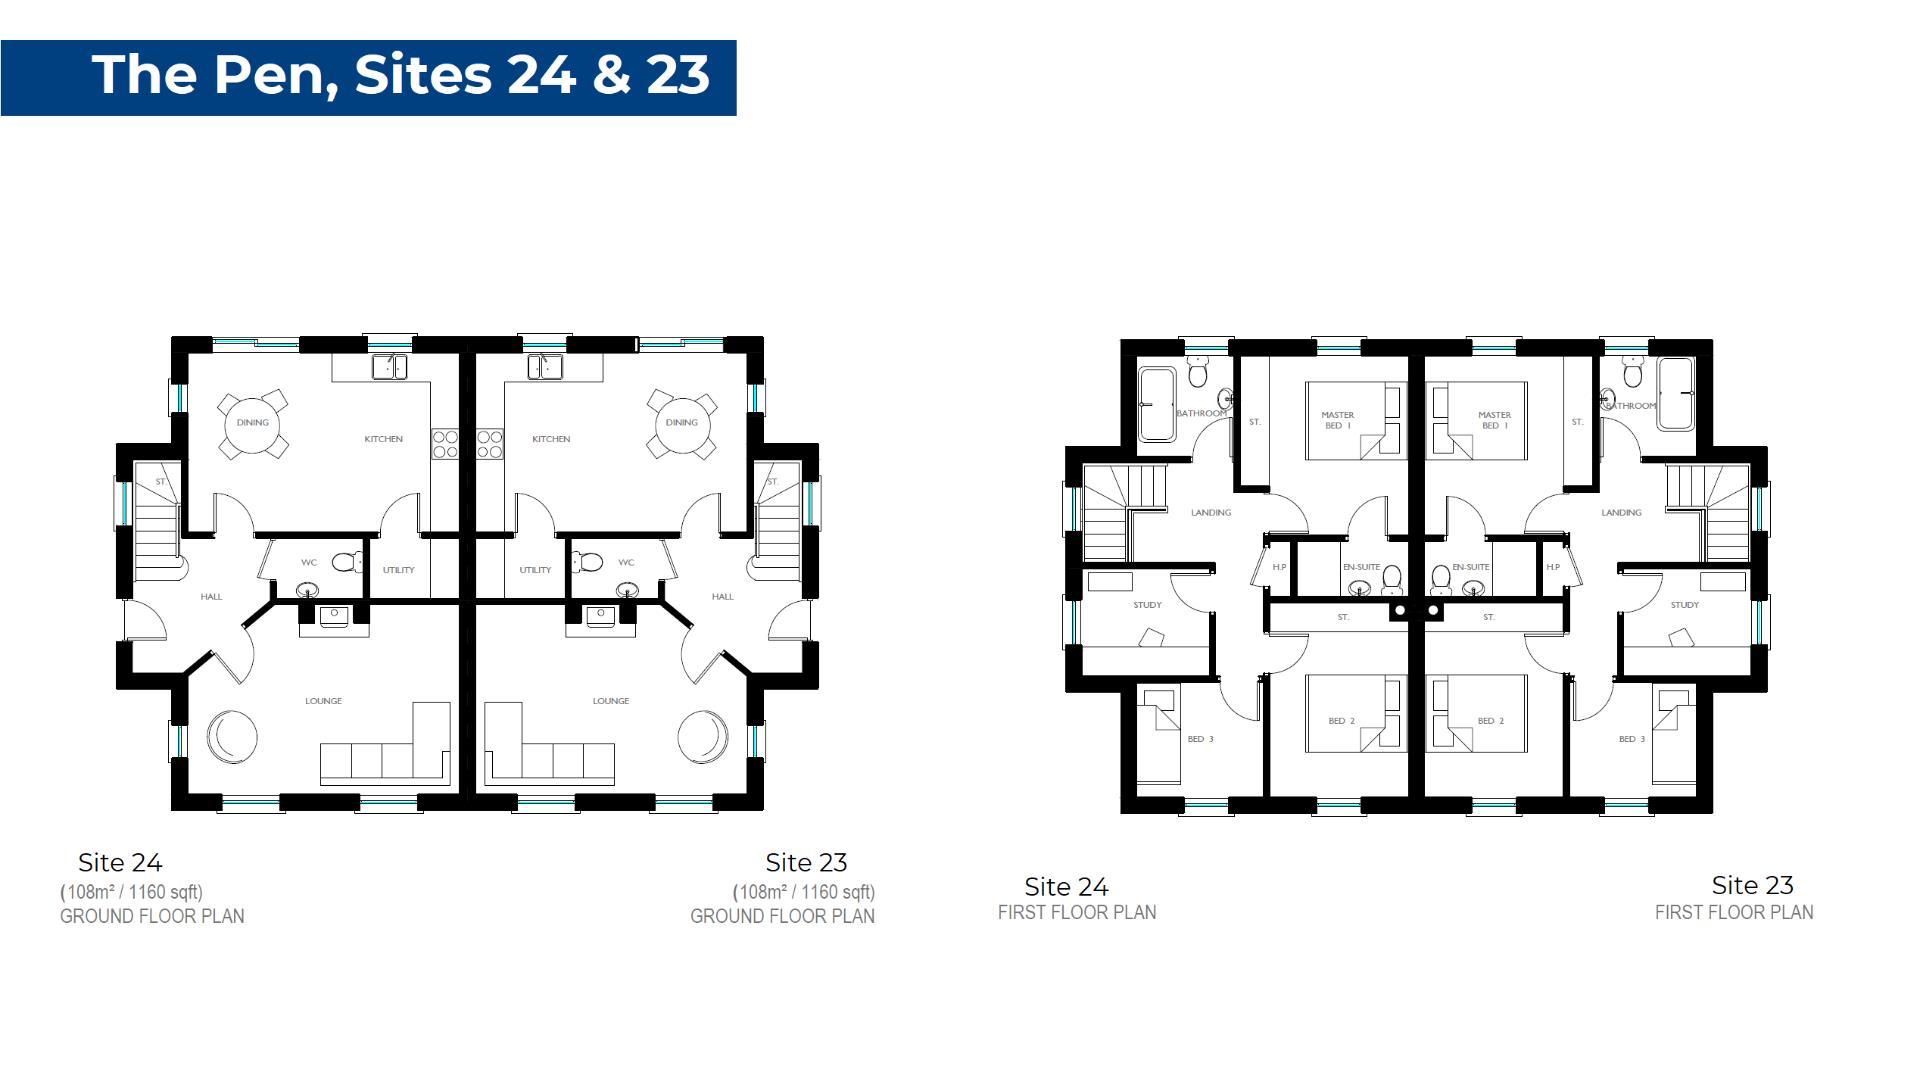 Site 23 & 24 floor pplan.png